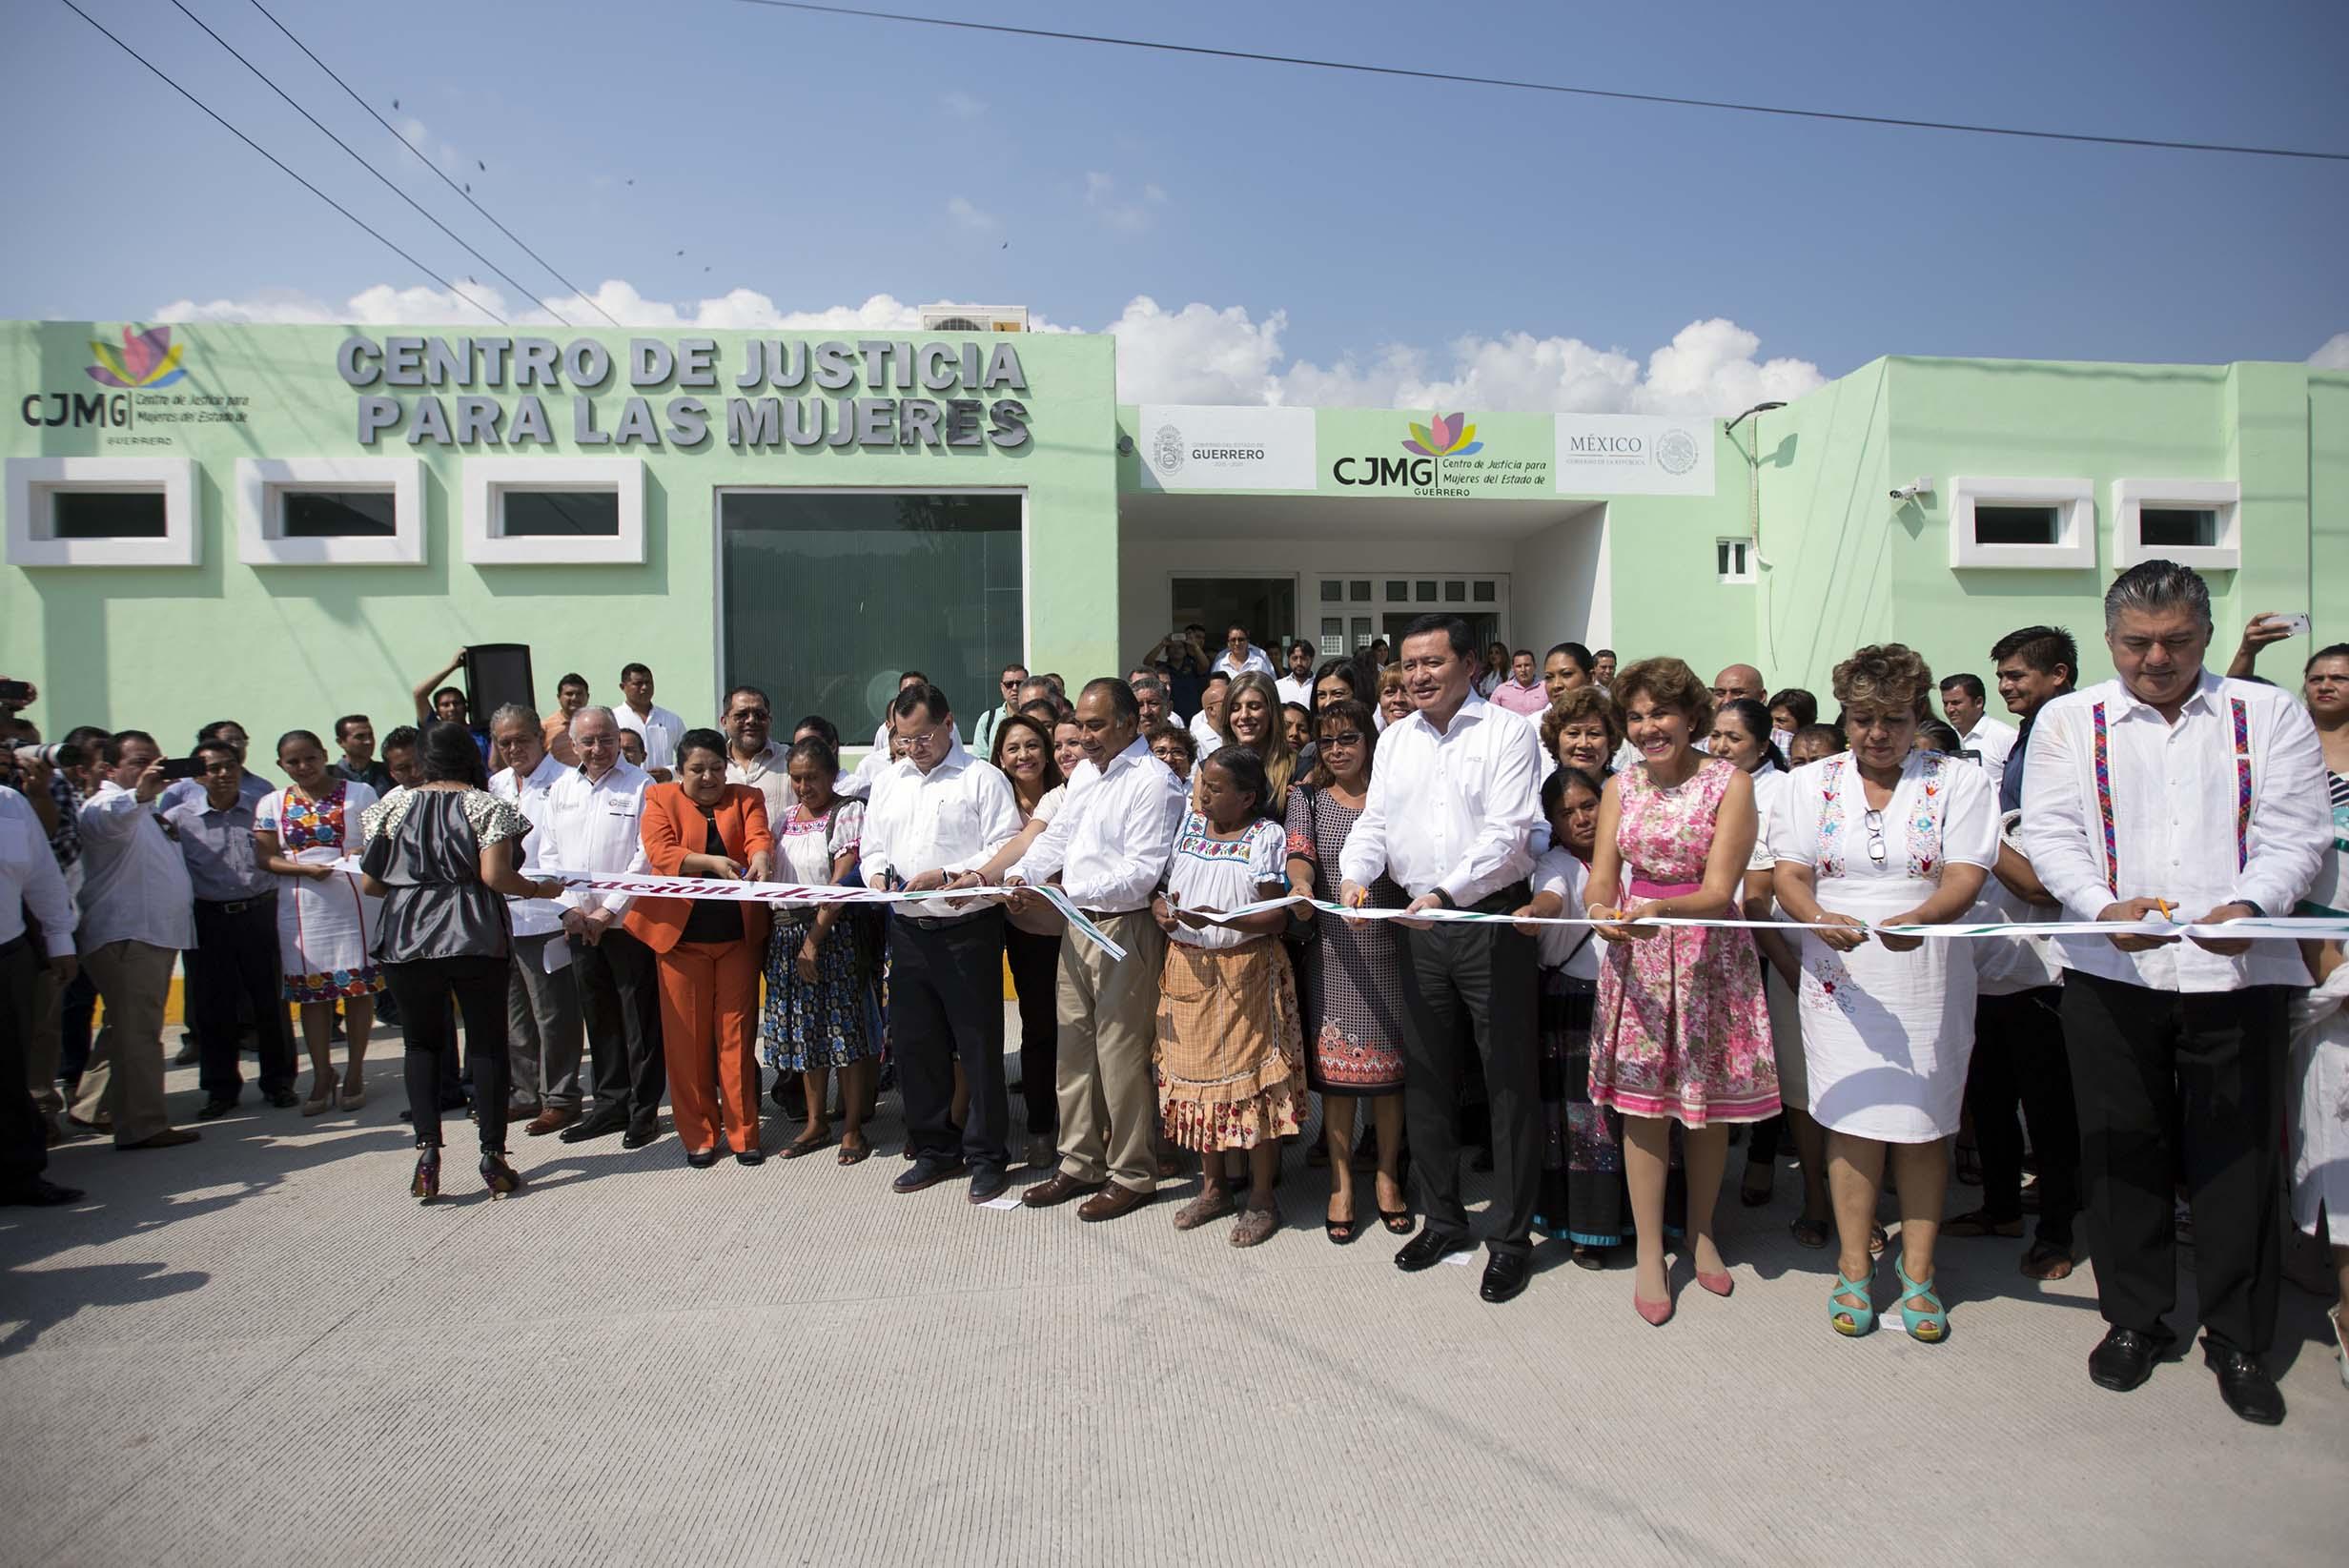 Centro de Justicia para las Mujeres del Estado de Guerrero